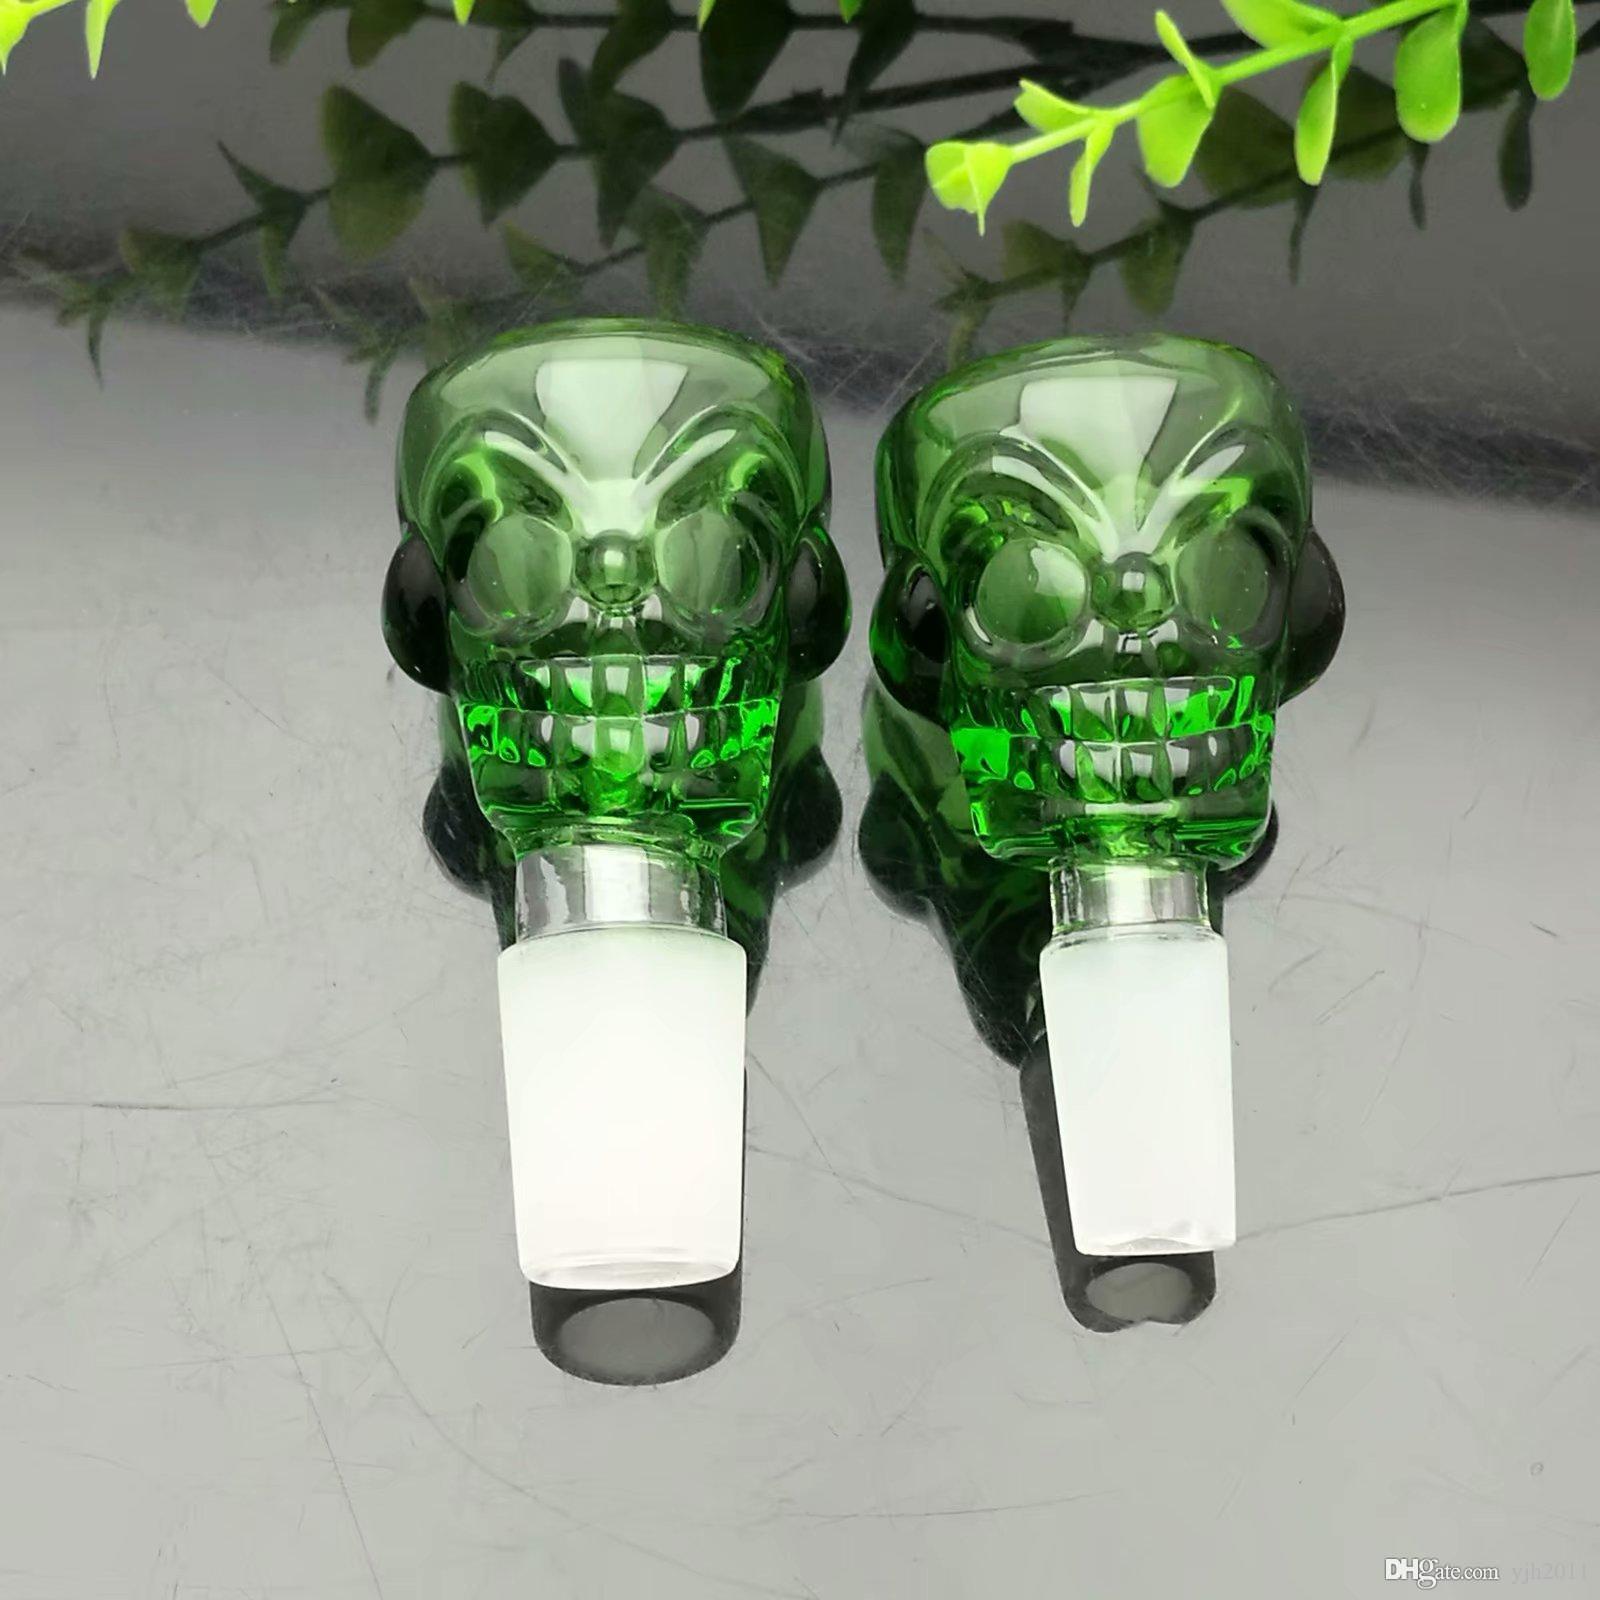 Coloured Alien Glass Bubble Head Cigarette Accessories Wholesale Glass Water Pipes Tobacco Accessories Glass Ash Catcher